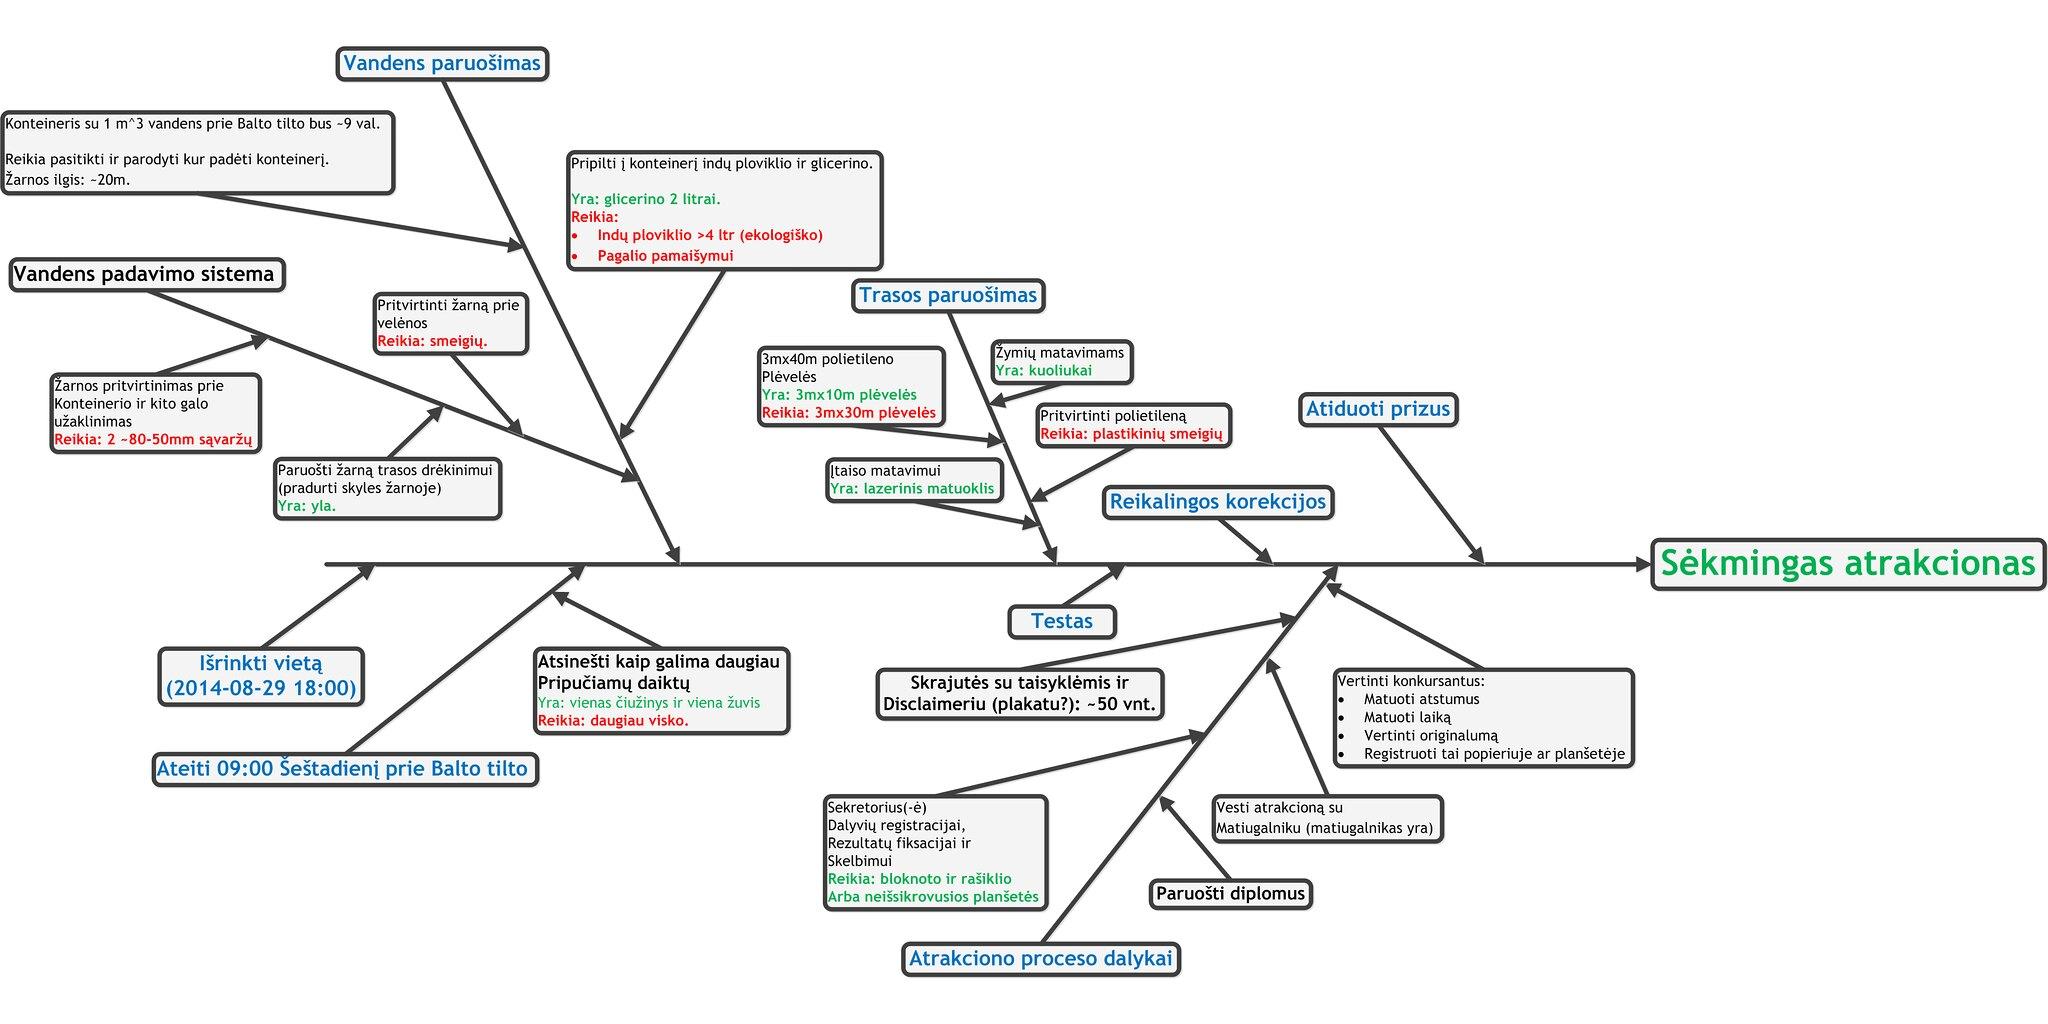 Slydimo plėvele atrakciono įvykimo diagrama.